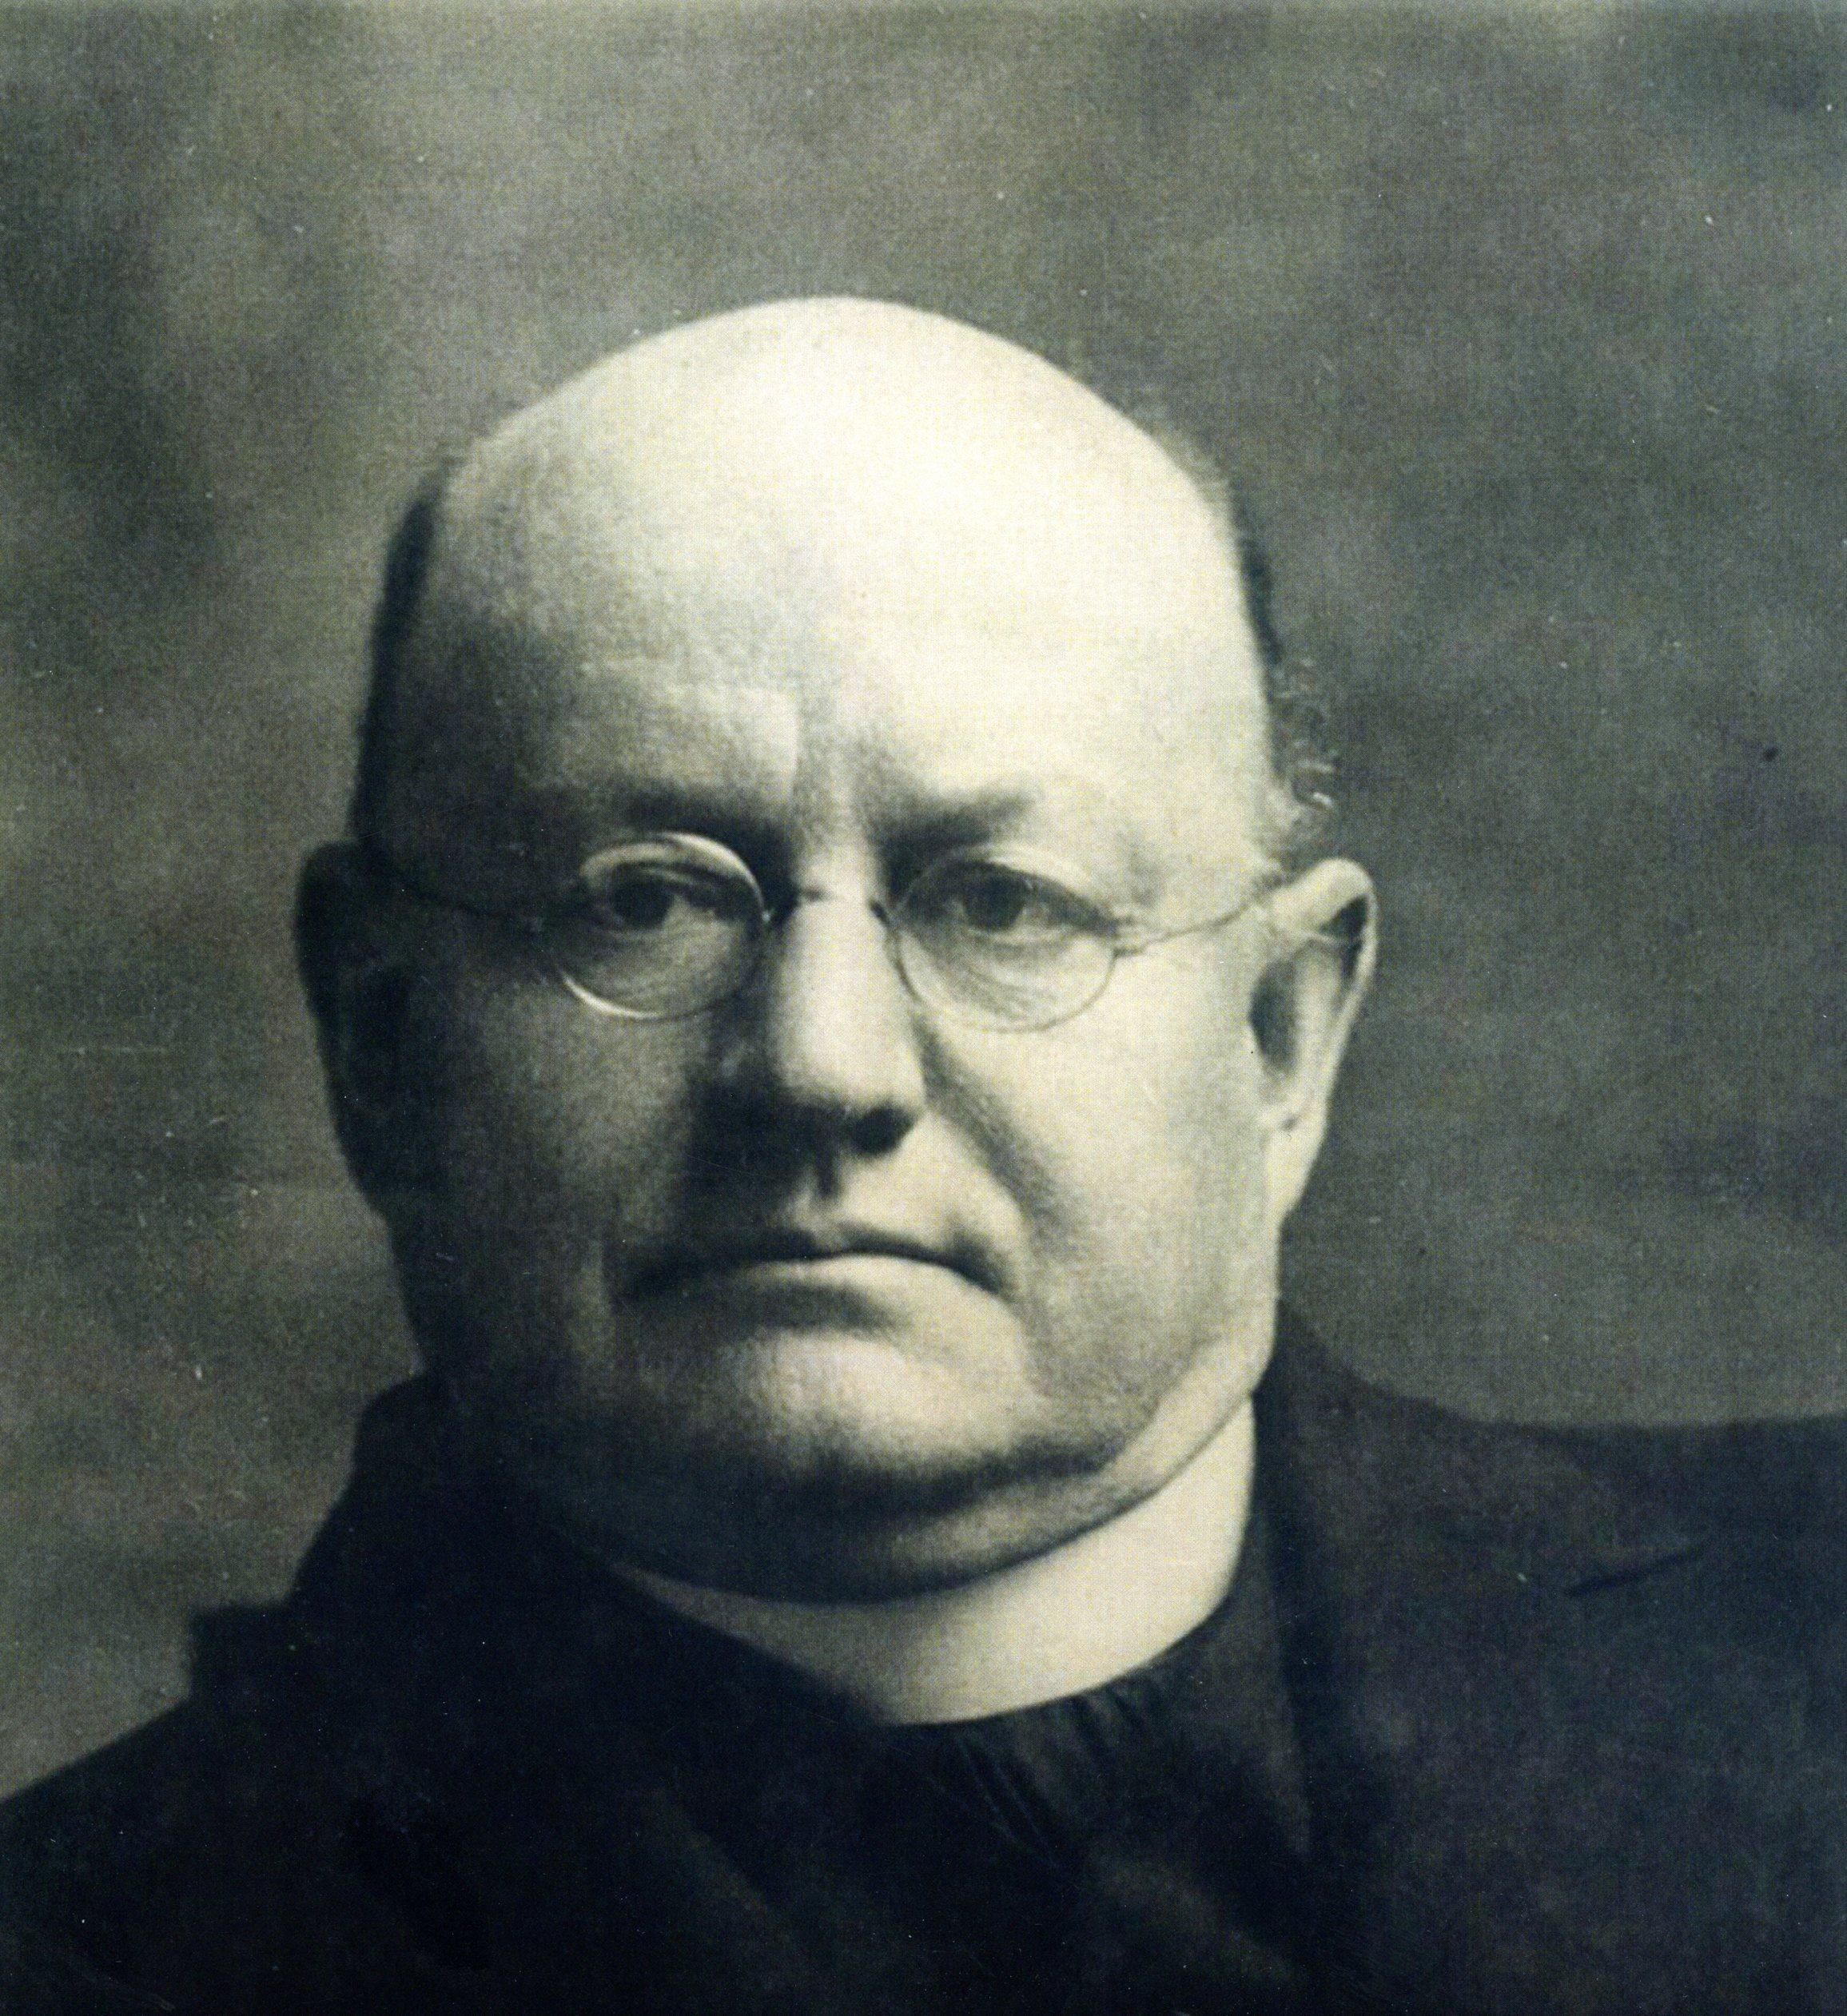 Murgas portrait